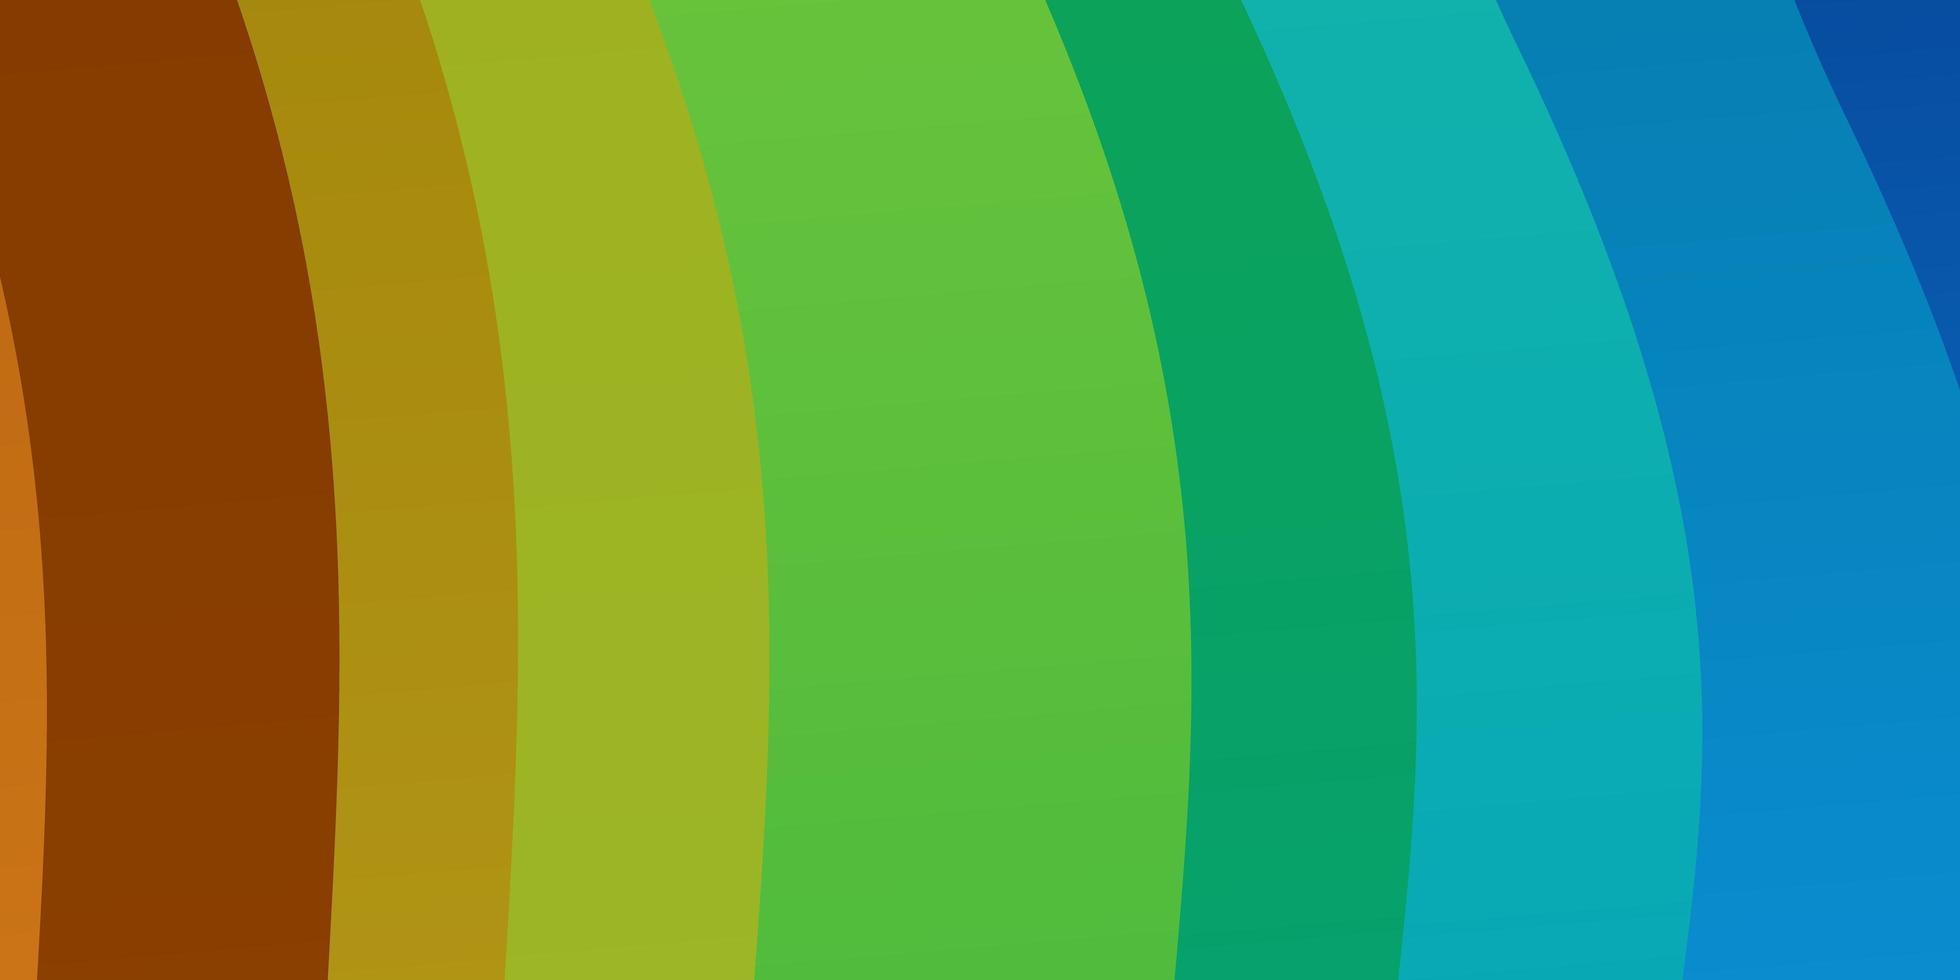 modelo azul claro e amarelo com linhas curvas. vetor